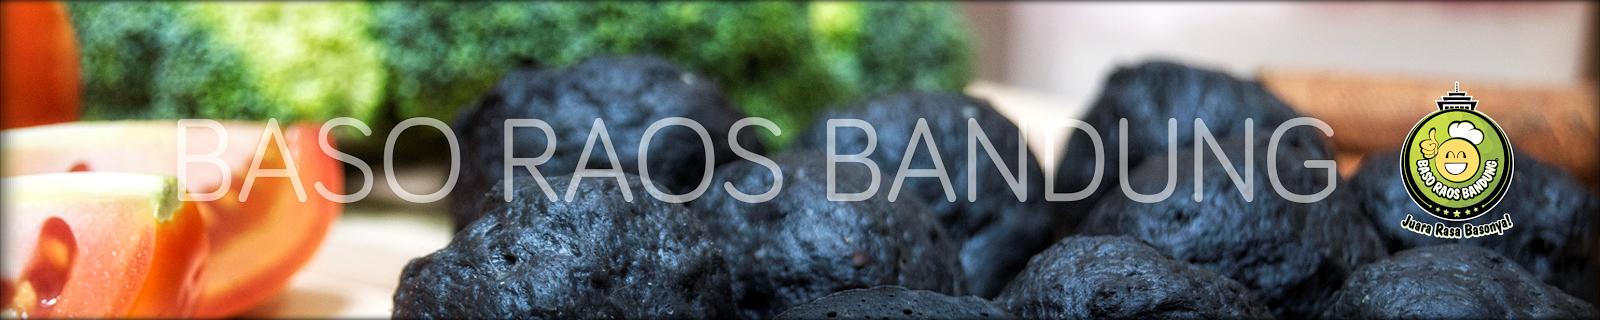 Baso Raos Bandung